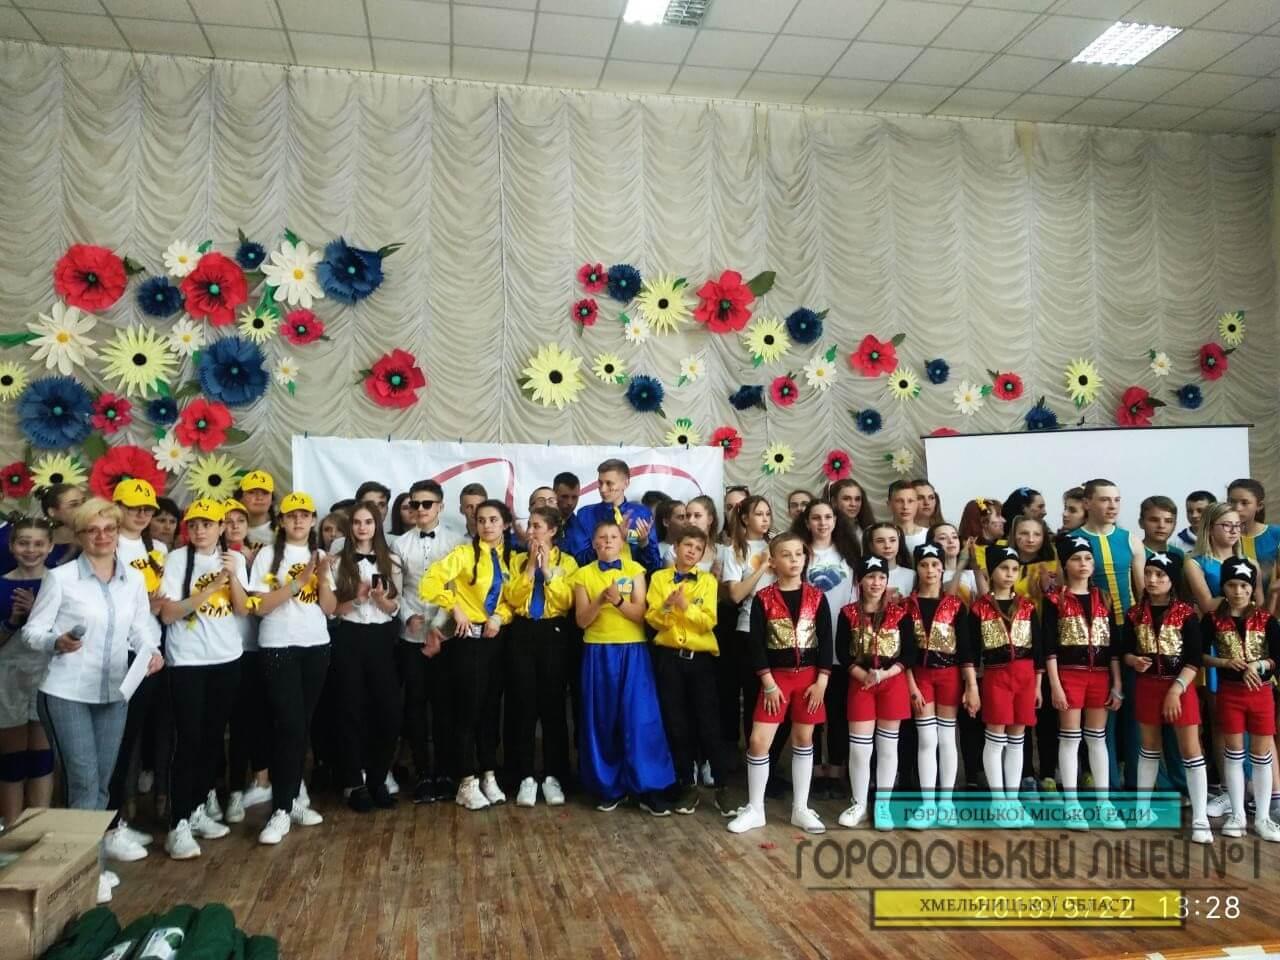 zobrazhennya viber 2019 05 22 18 01 14 - Обласний фестиваль-конкурс «Молодь обирає здоров'я»